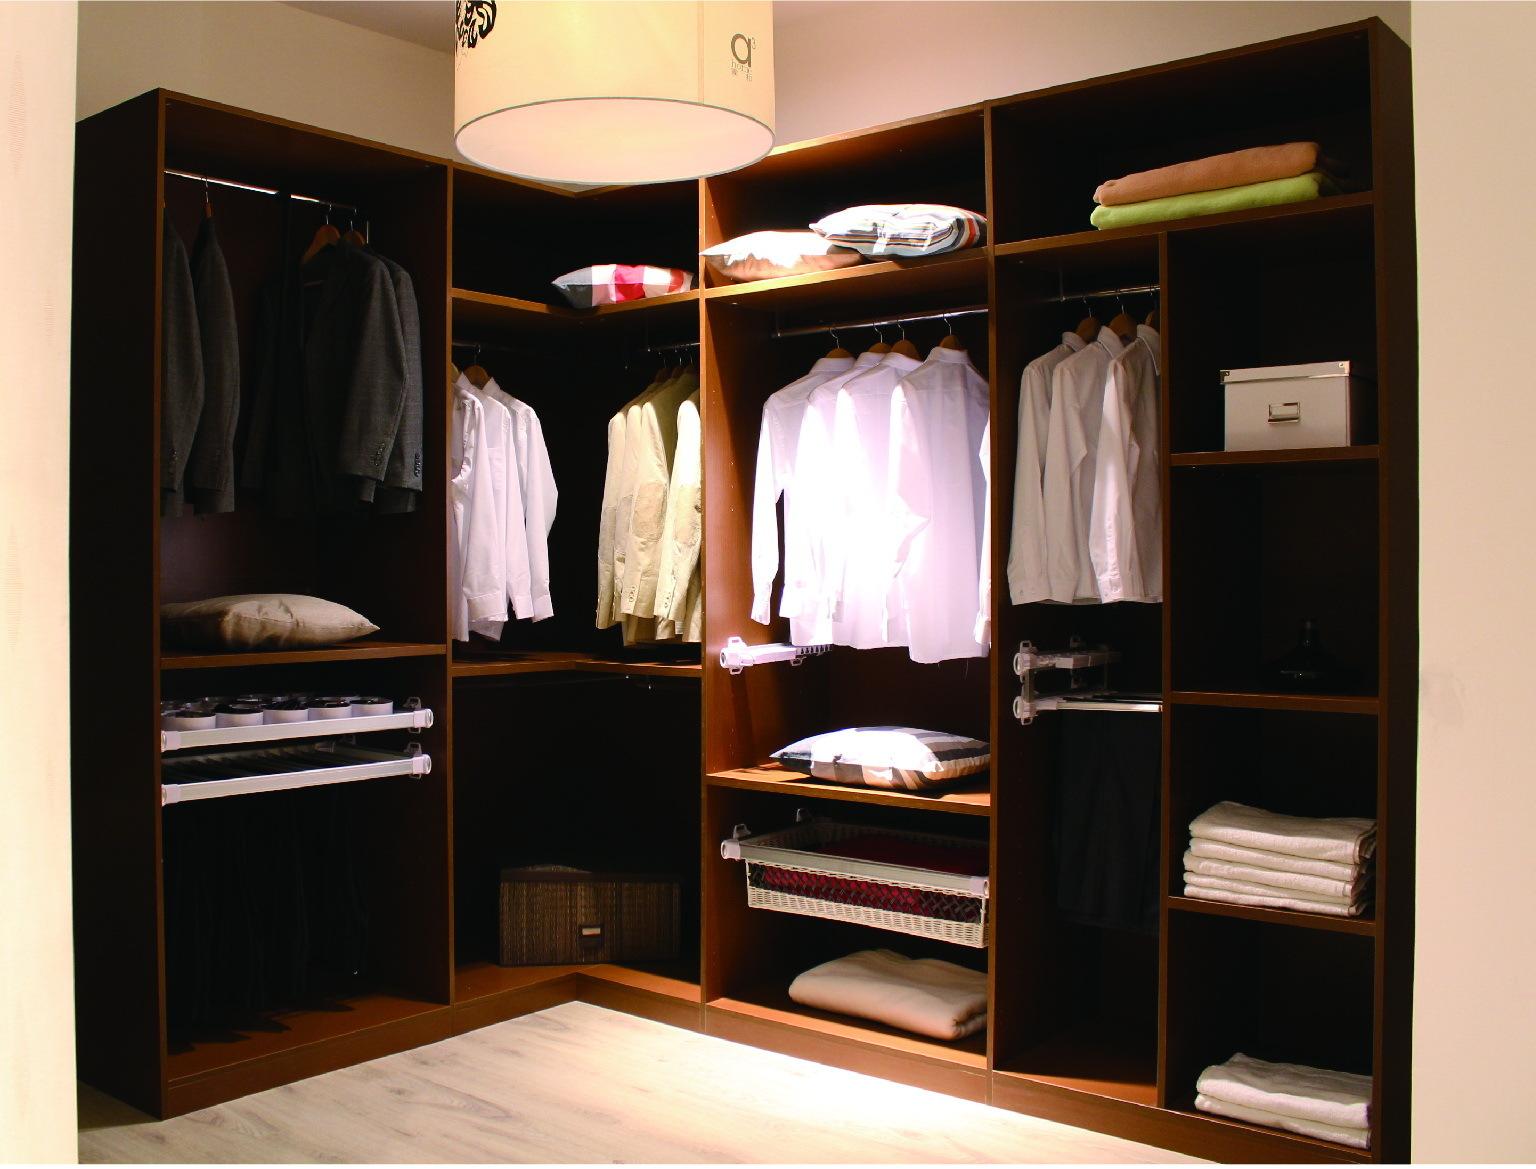 华鹤实木衣柜依托华鹤家具56年专业家具制造经验,拥有国内领先的加工